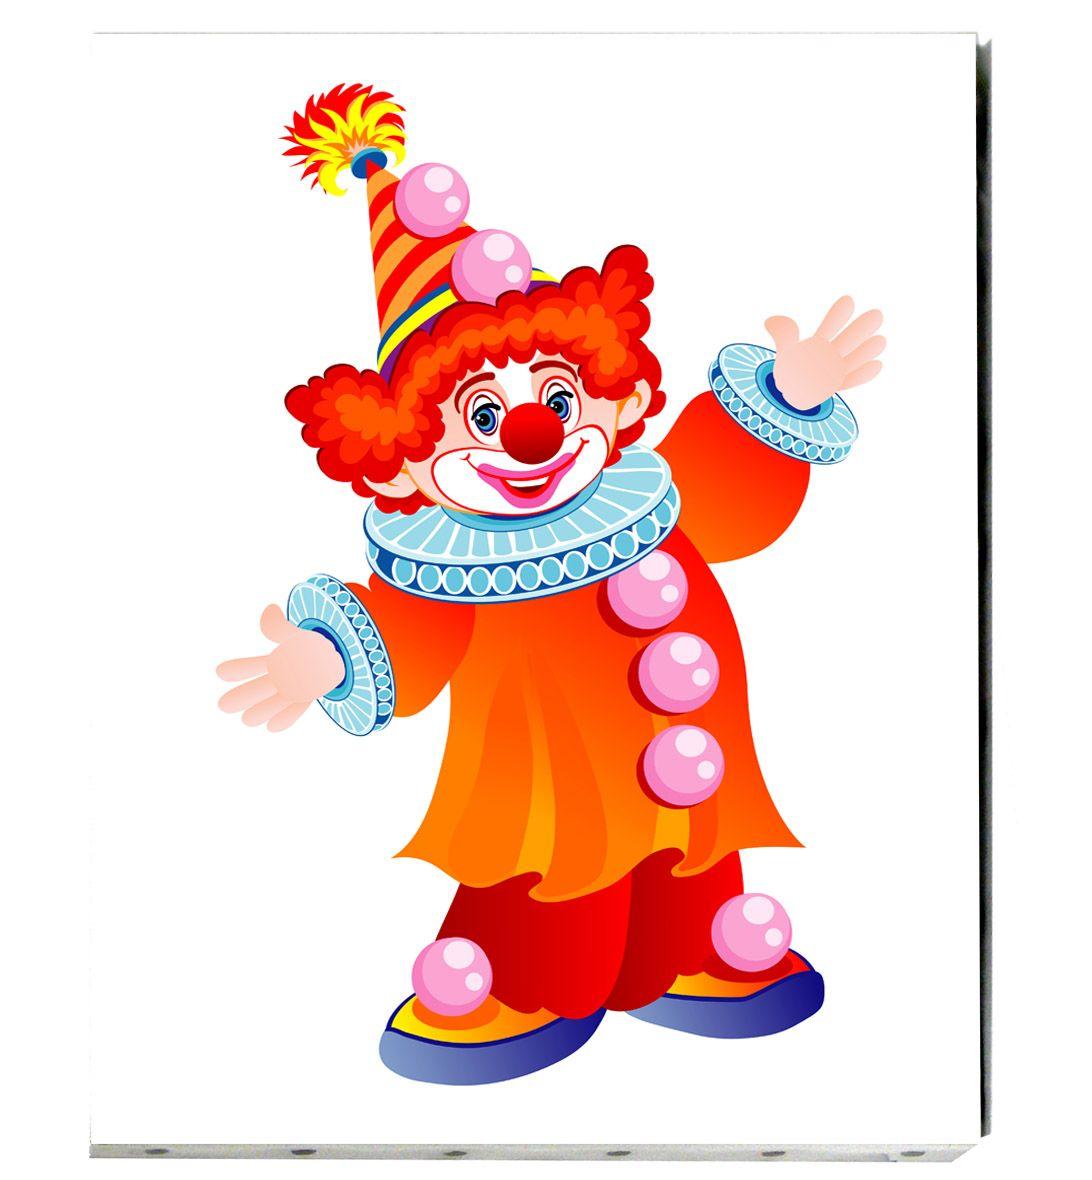 tableau de toile tendue pour enfant le clown joyeux clowns pinterest clip art and craft. Black Bedroom Furniture Sets. Home Design Ideas